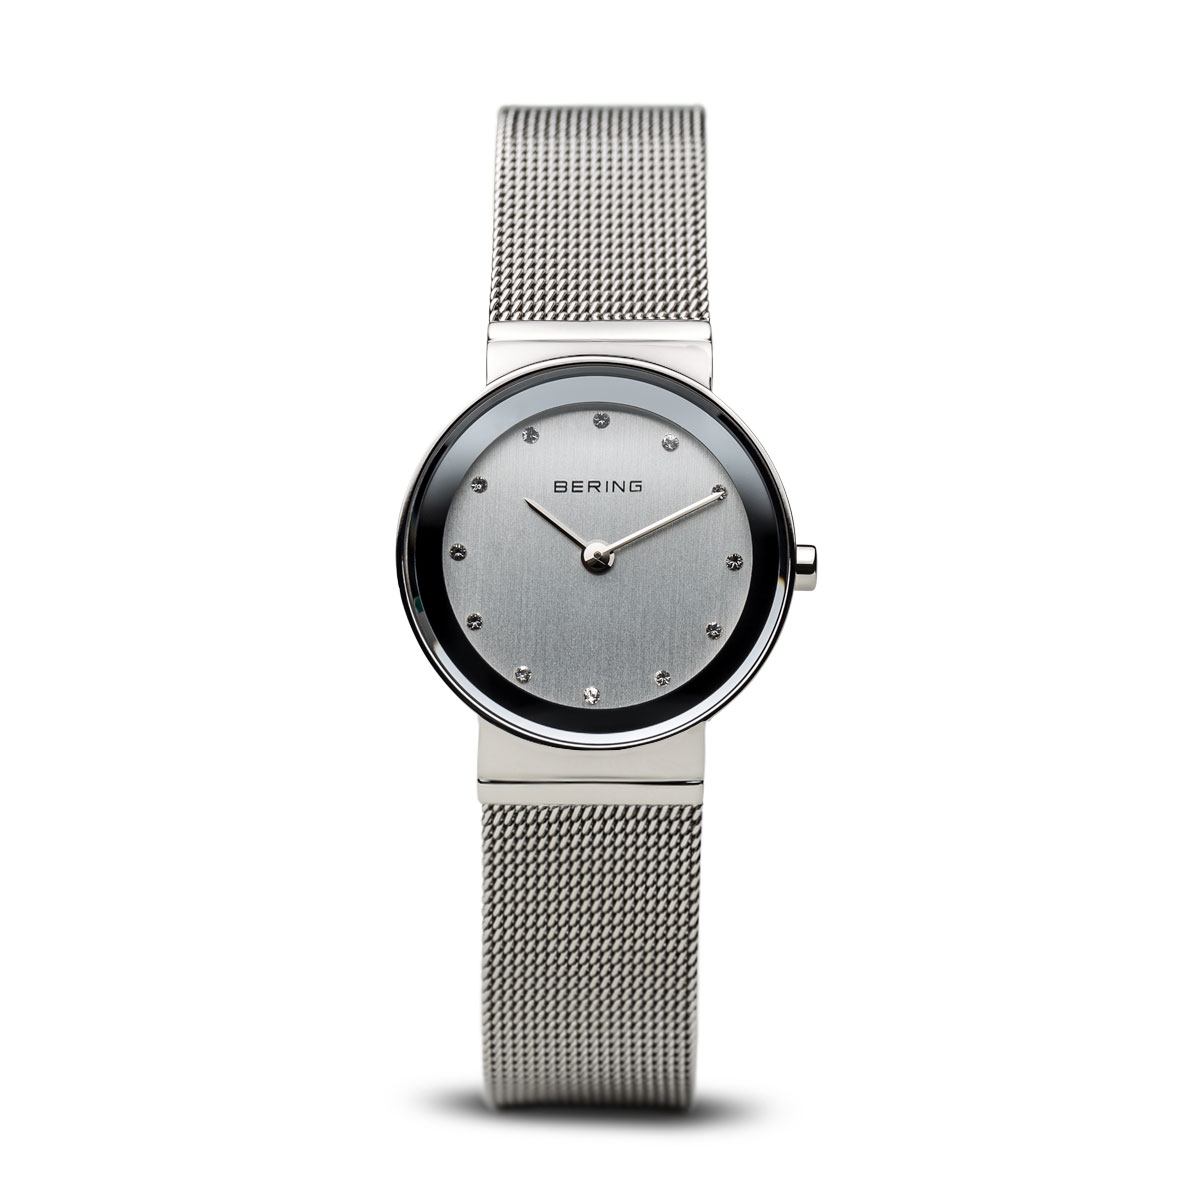 שעון ברינג דגם BERING 10126-000